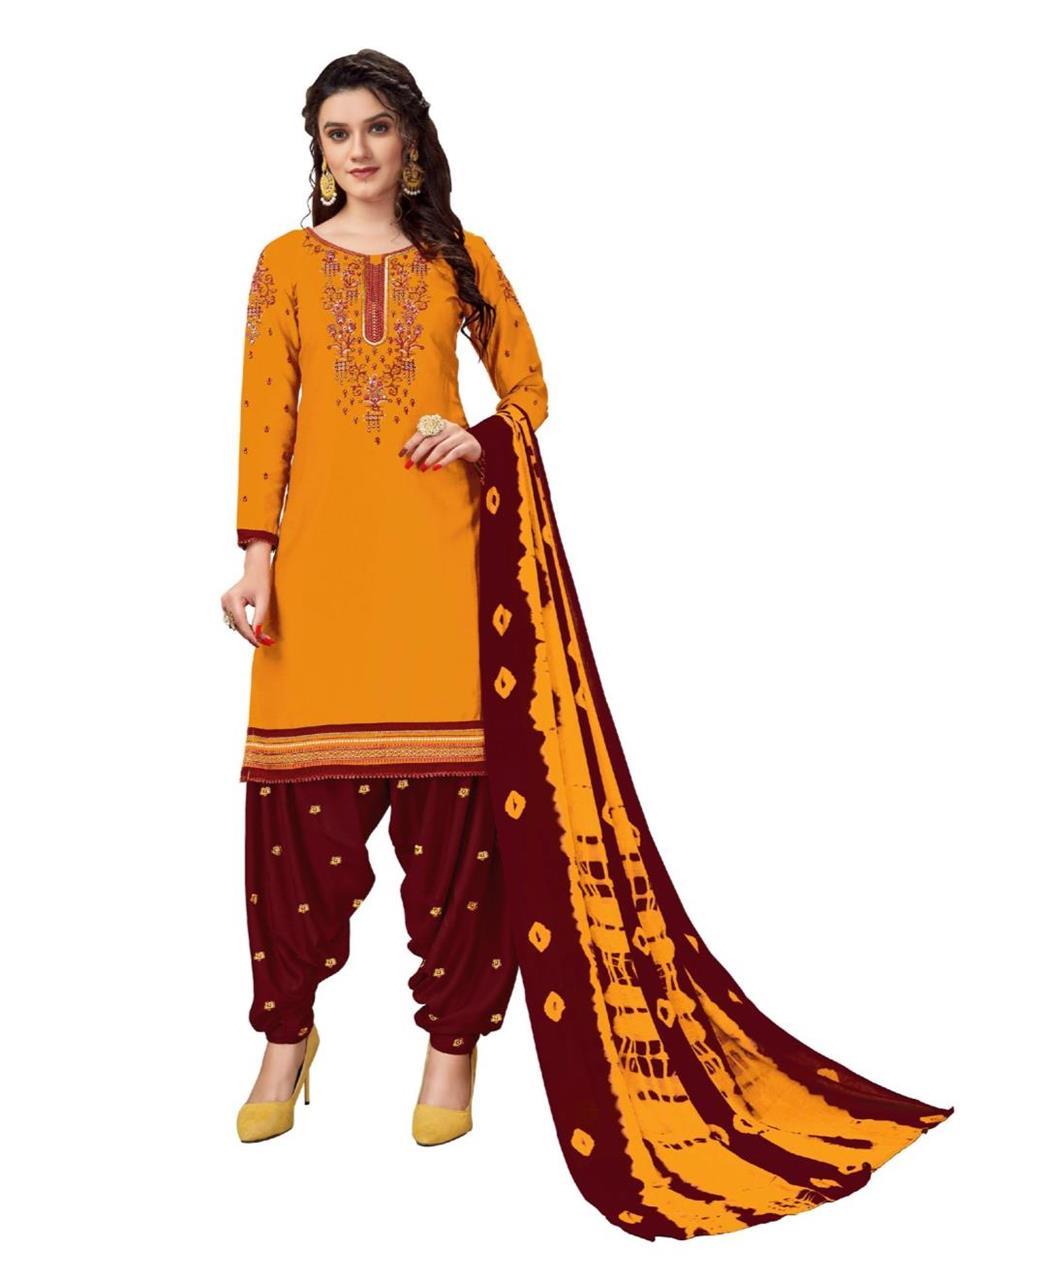 Stone Work Cotton Patiyala Suit Salwar in Yellow